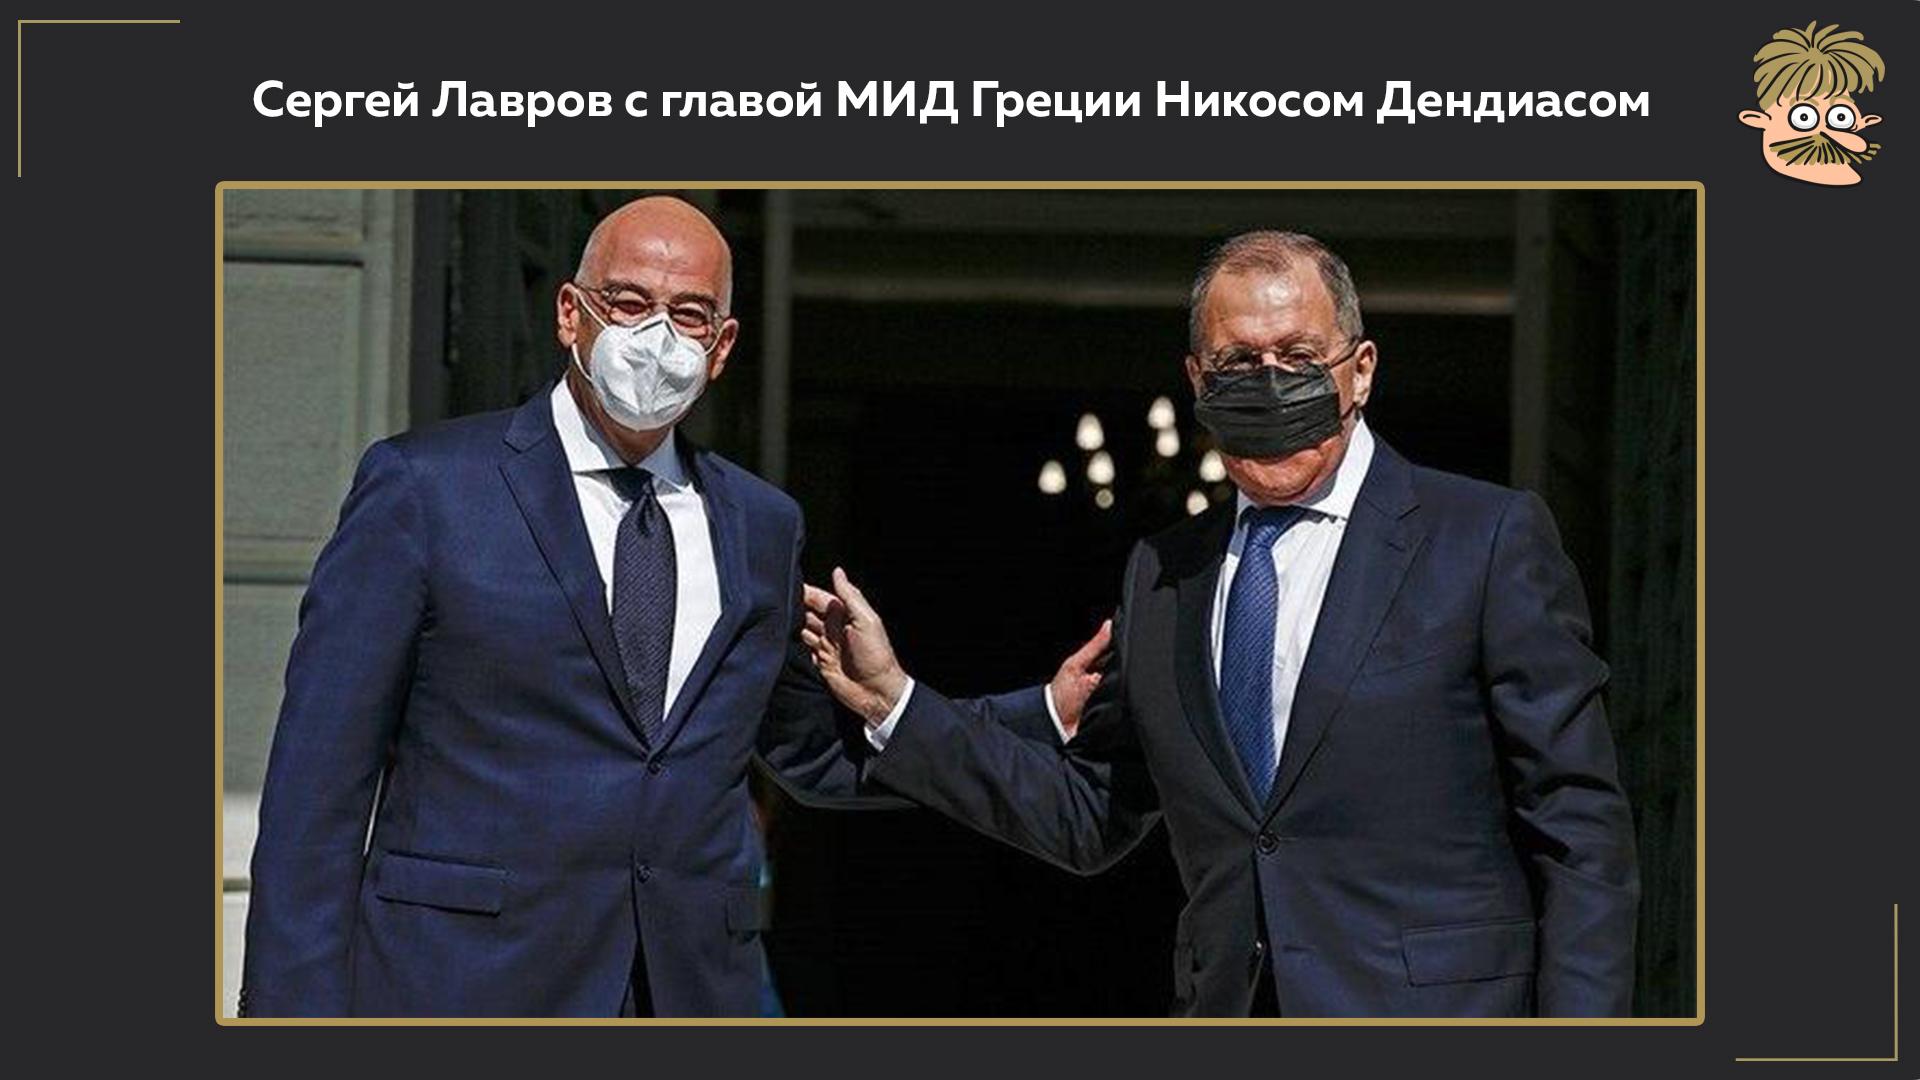 Когда просьбу не носить маску на подбородке воспринял буквально